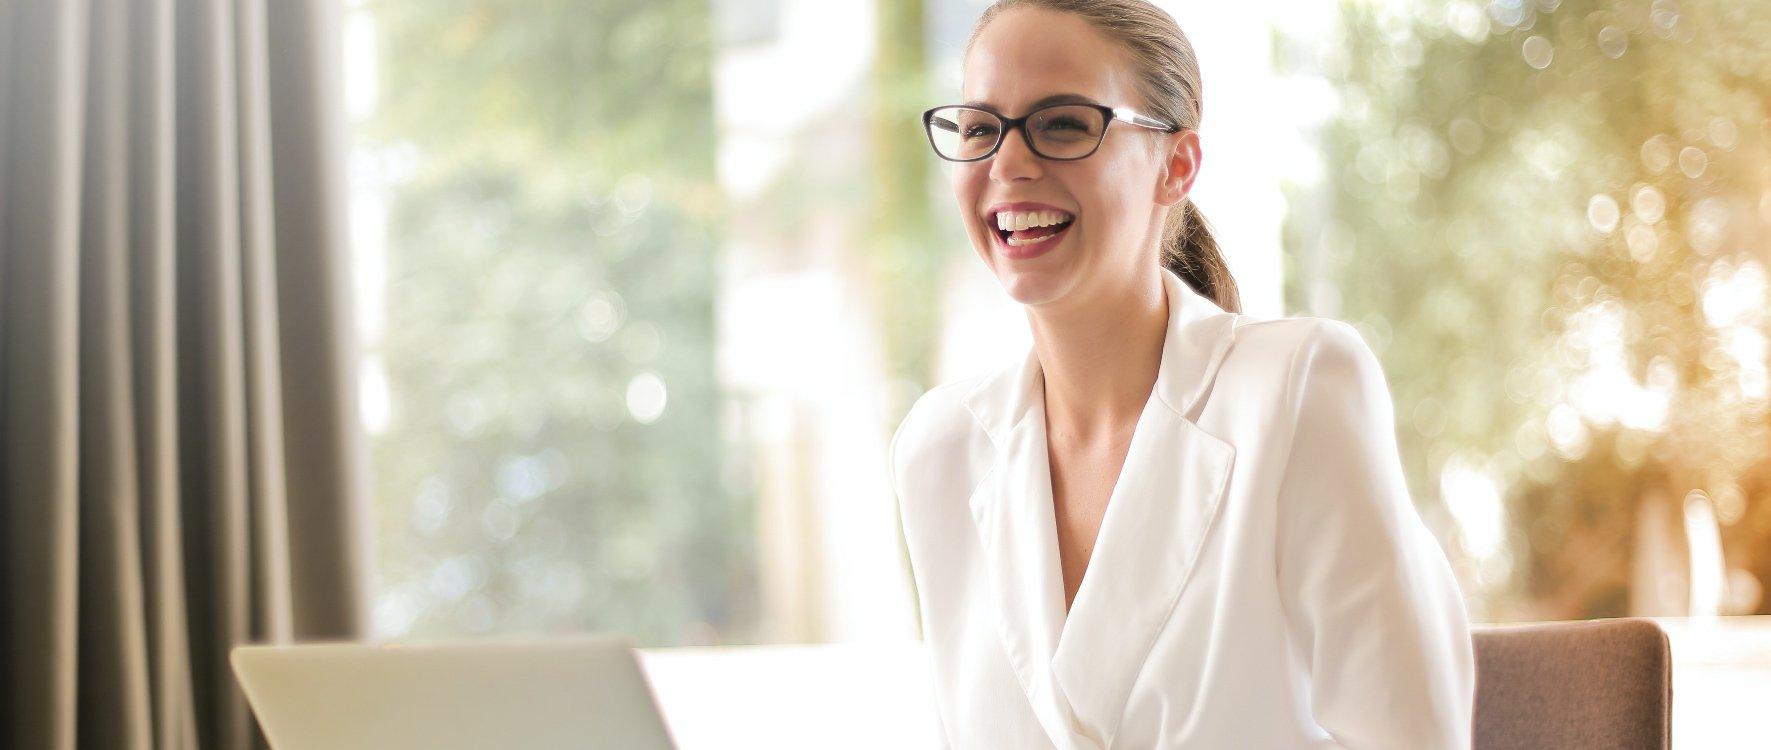 impacto-de-ofrecer-un-servicio-profesional-en-tu-empresa